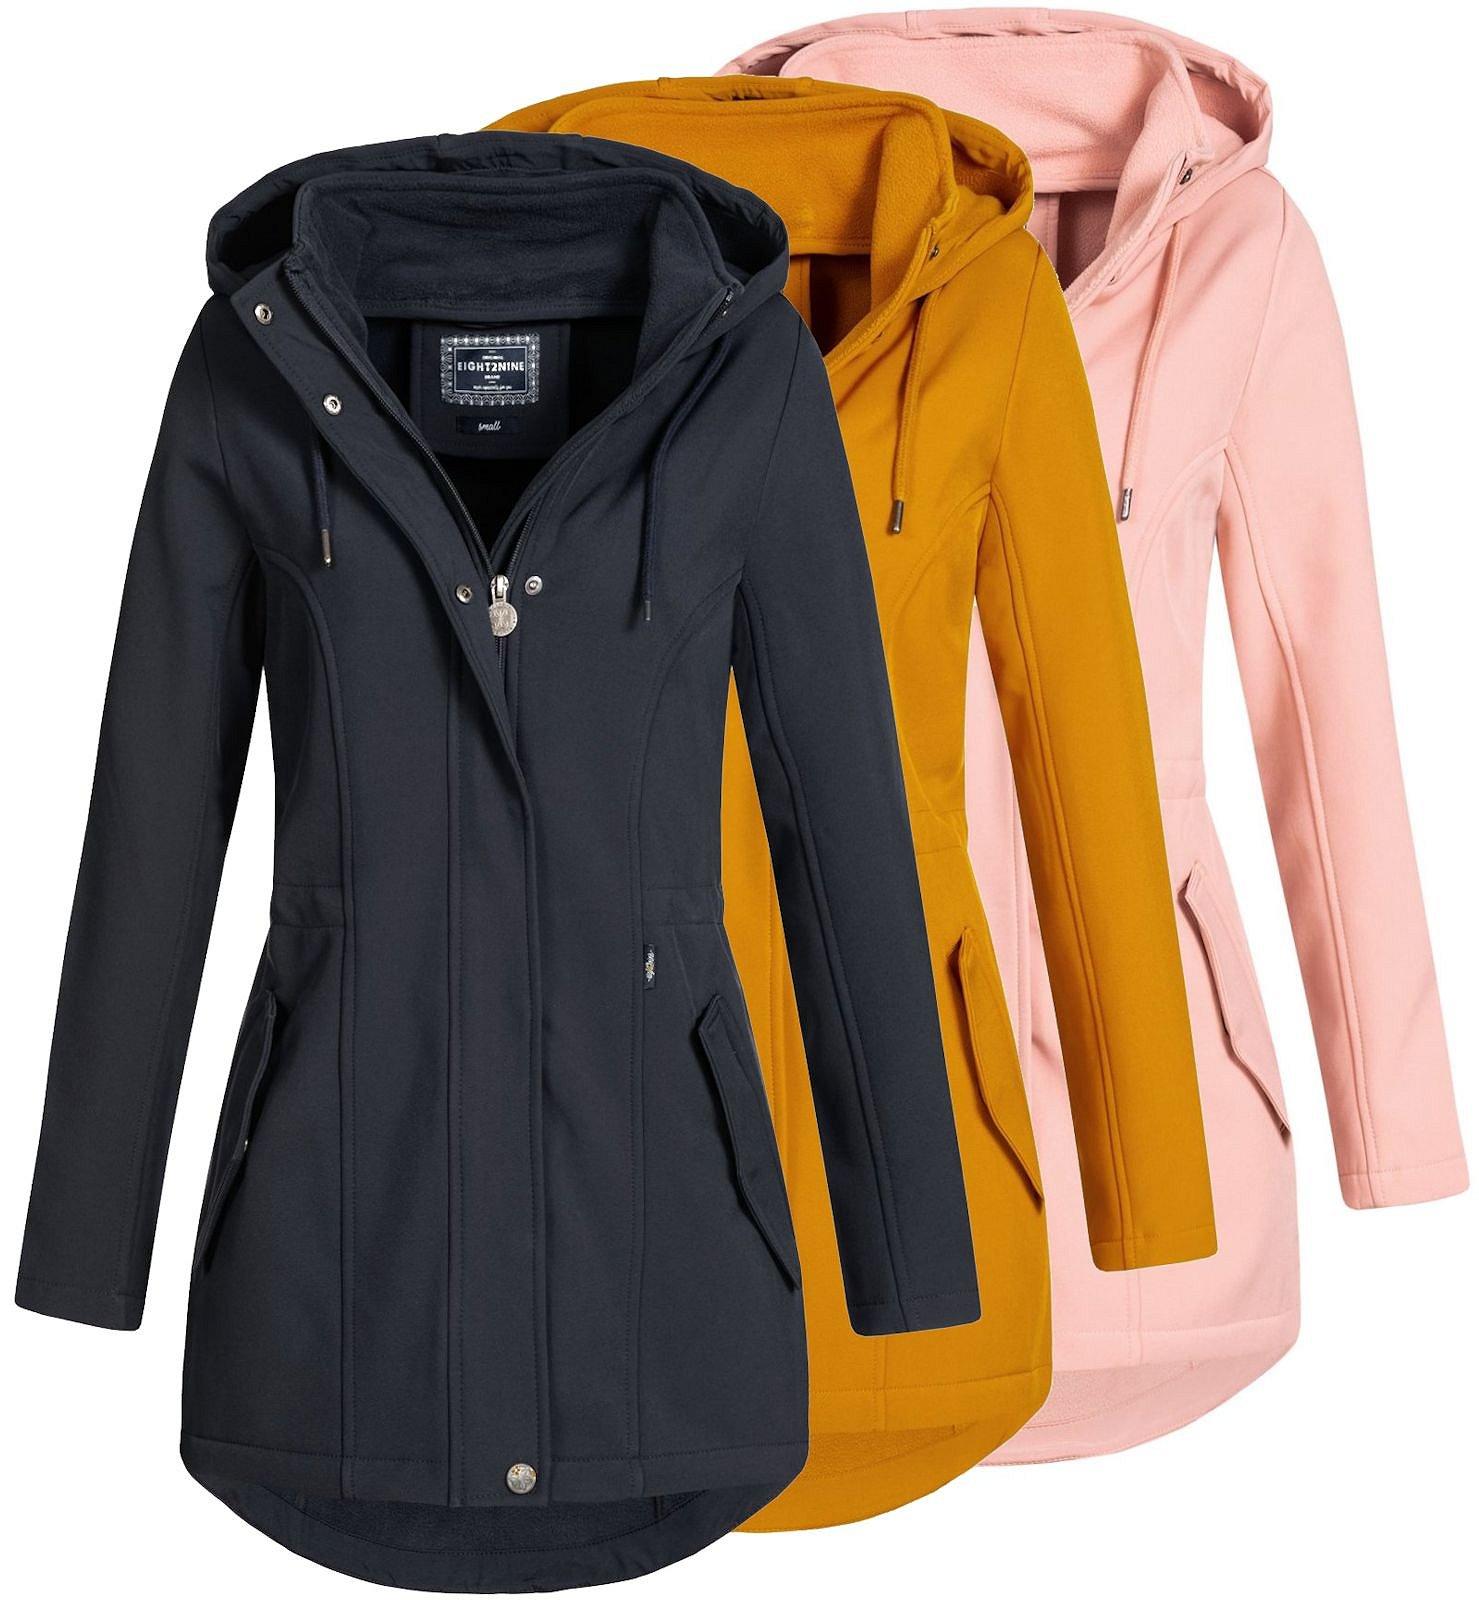 Details zu Damen Jacke Softshelljacke Übergangsjacke Damenjacke Parka Eight2Nine LETN 041